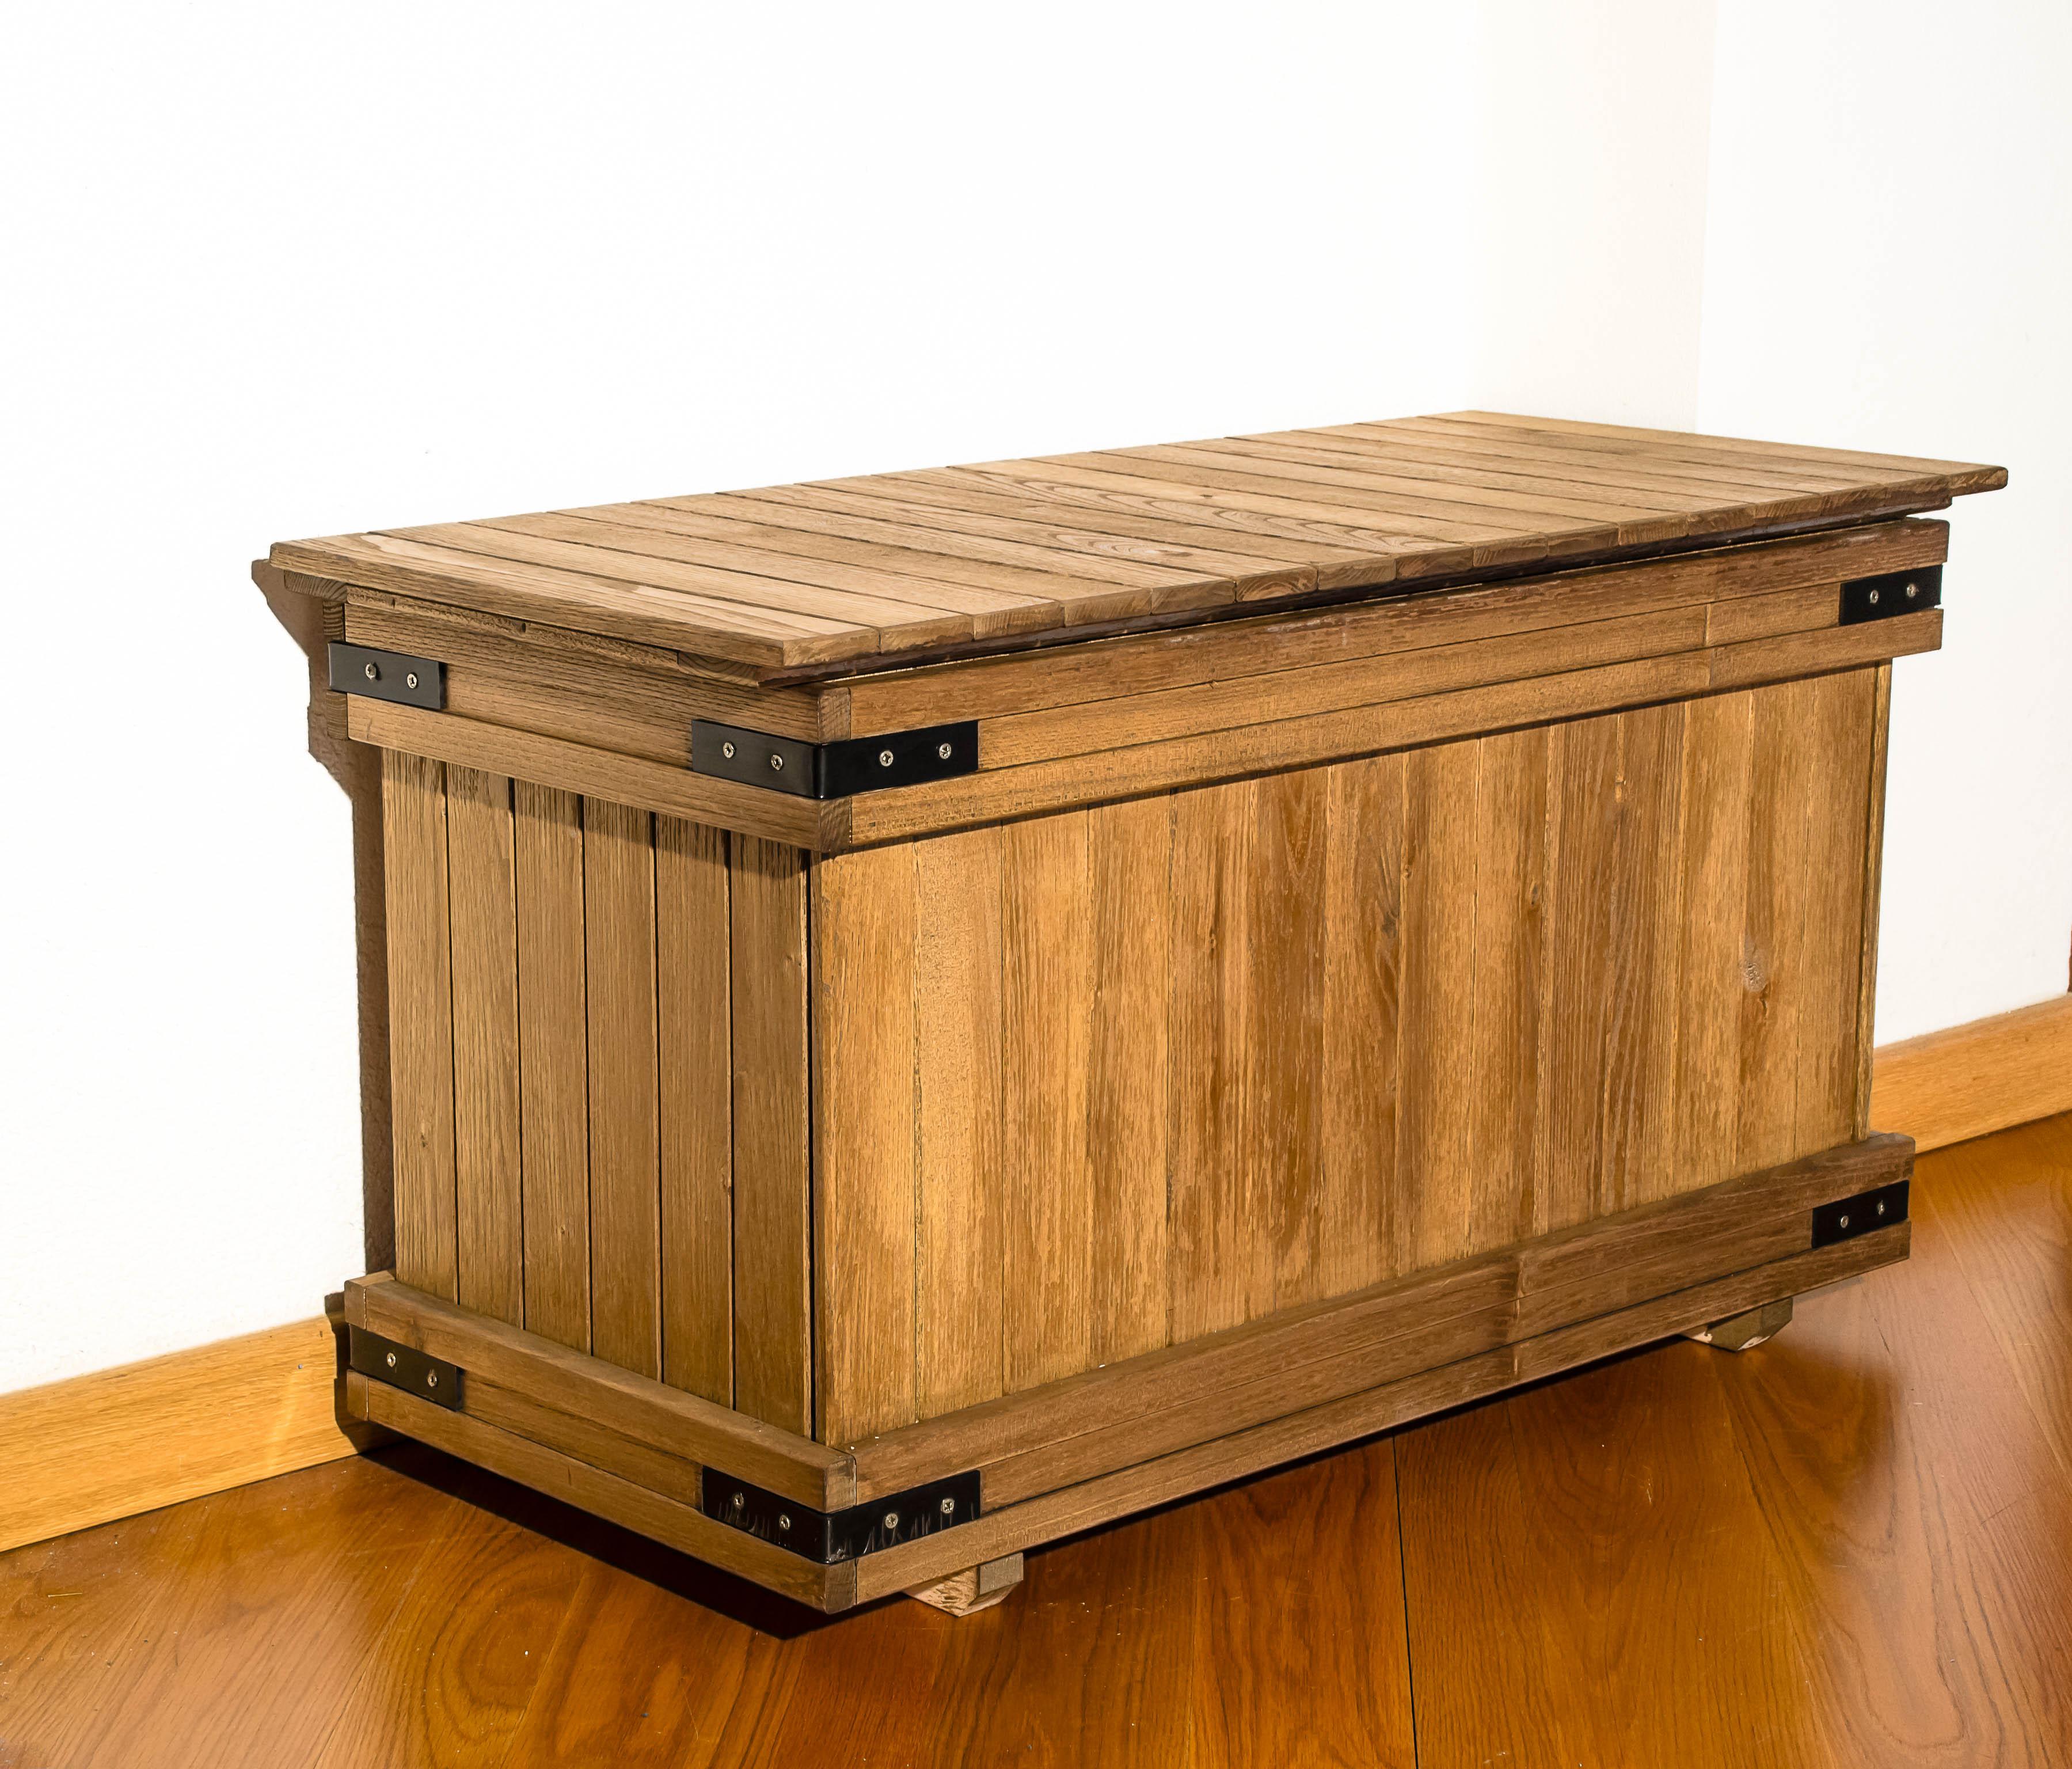 Cassapanca in legno per raccolta differenziata robinia om legno - Cassapanca in legno ikea ...